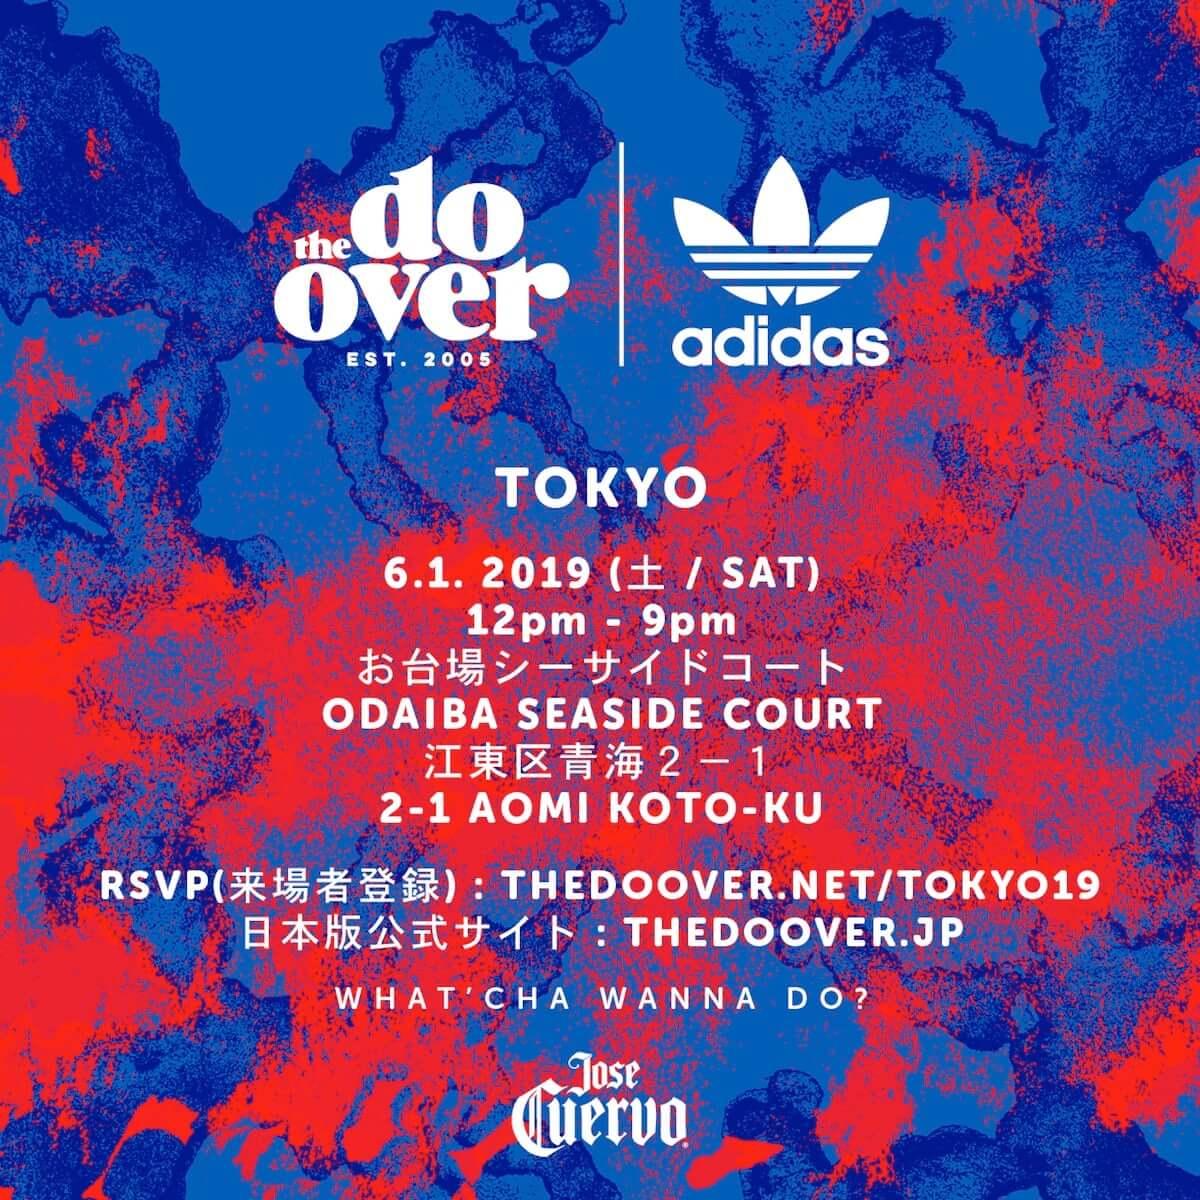 海外でも人気のadidas Originarls<The Do-Over>が6月1日東京で開催決定! music190424_doover_12-1200x1200